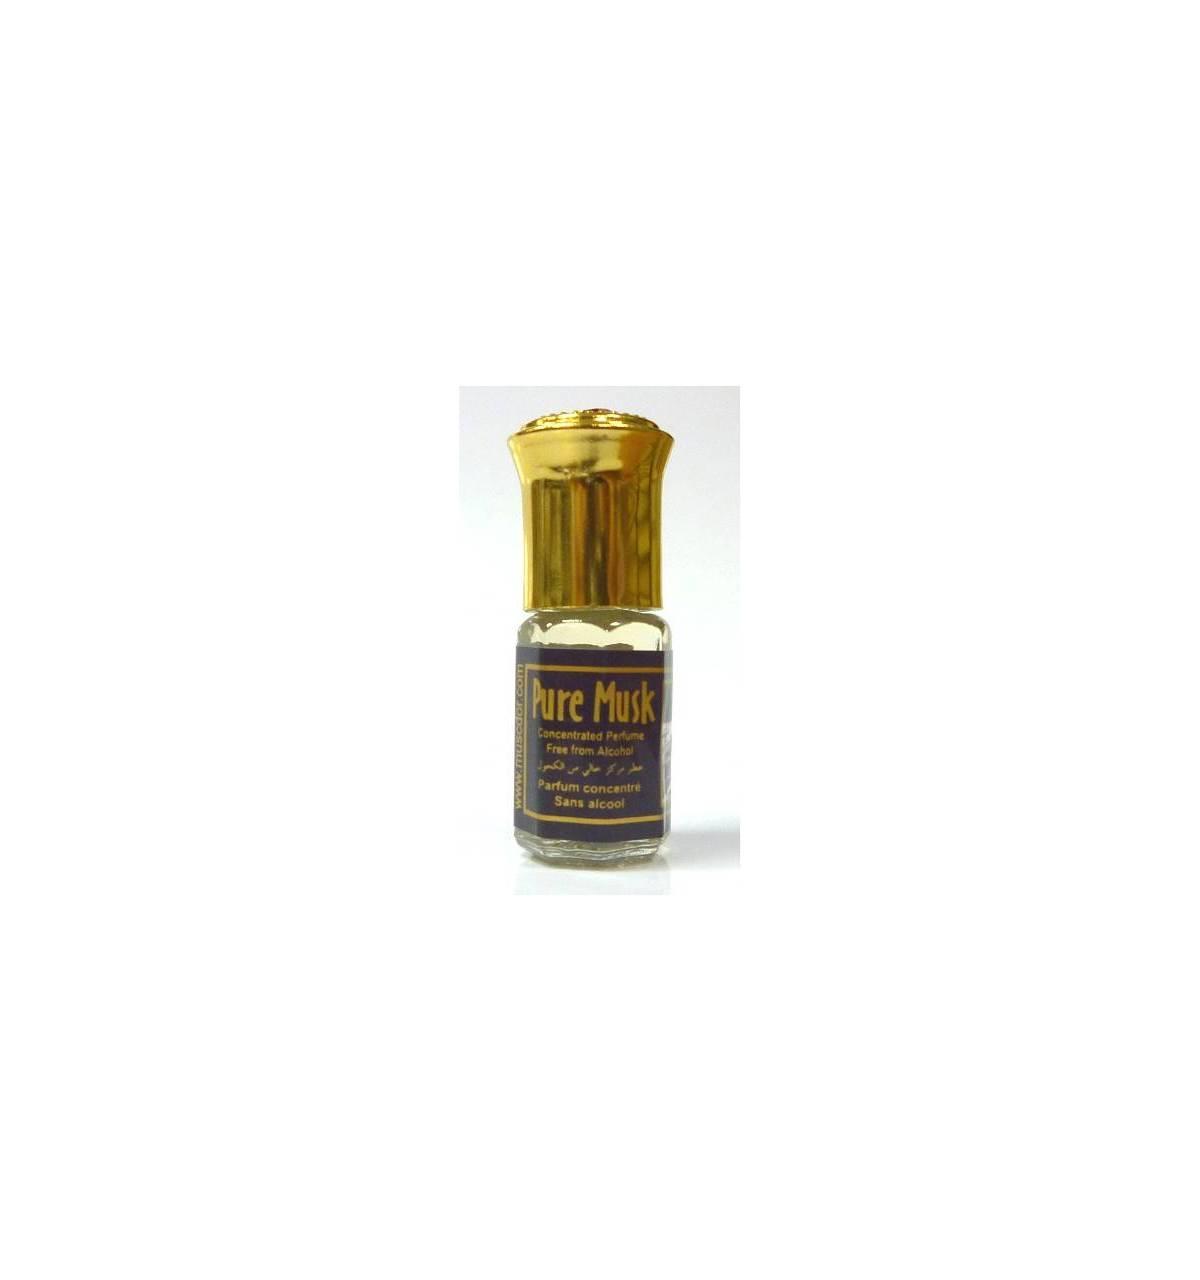 parfum concentre sans alcool pure musk 3 ml mixte. Black Bedroom Furniture Sets. Home Design Ideas